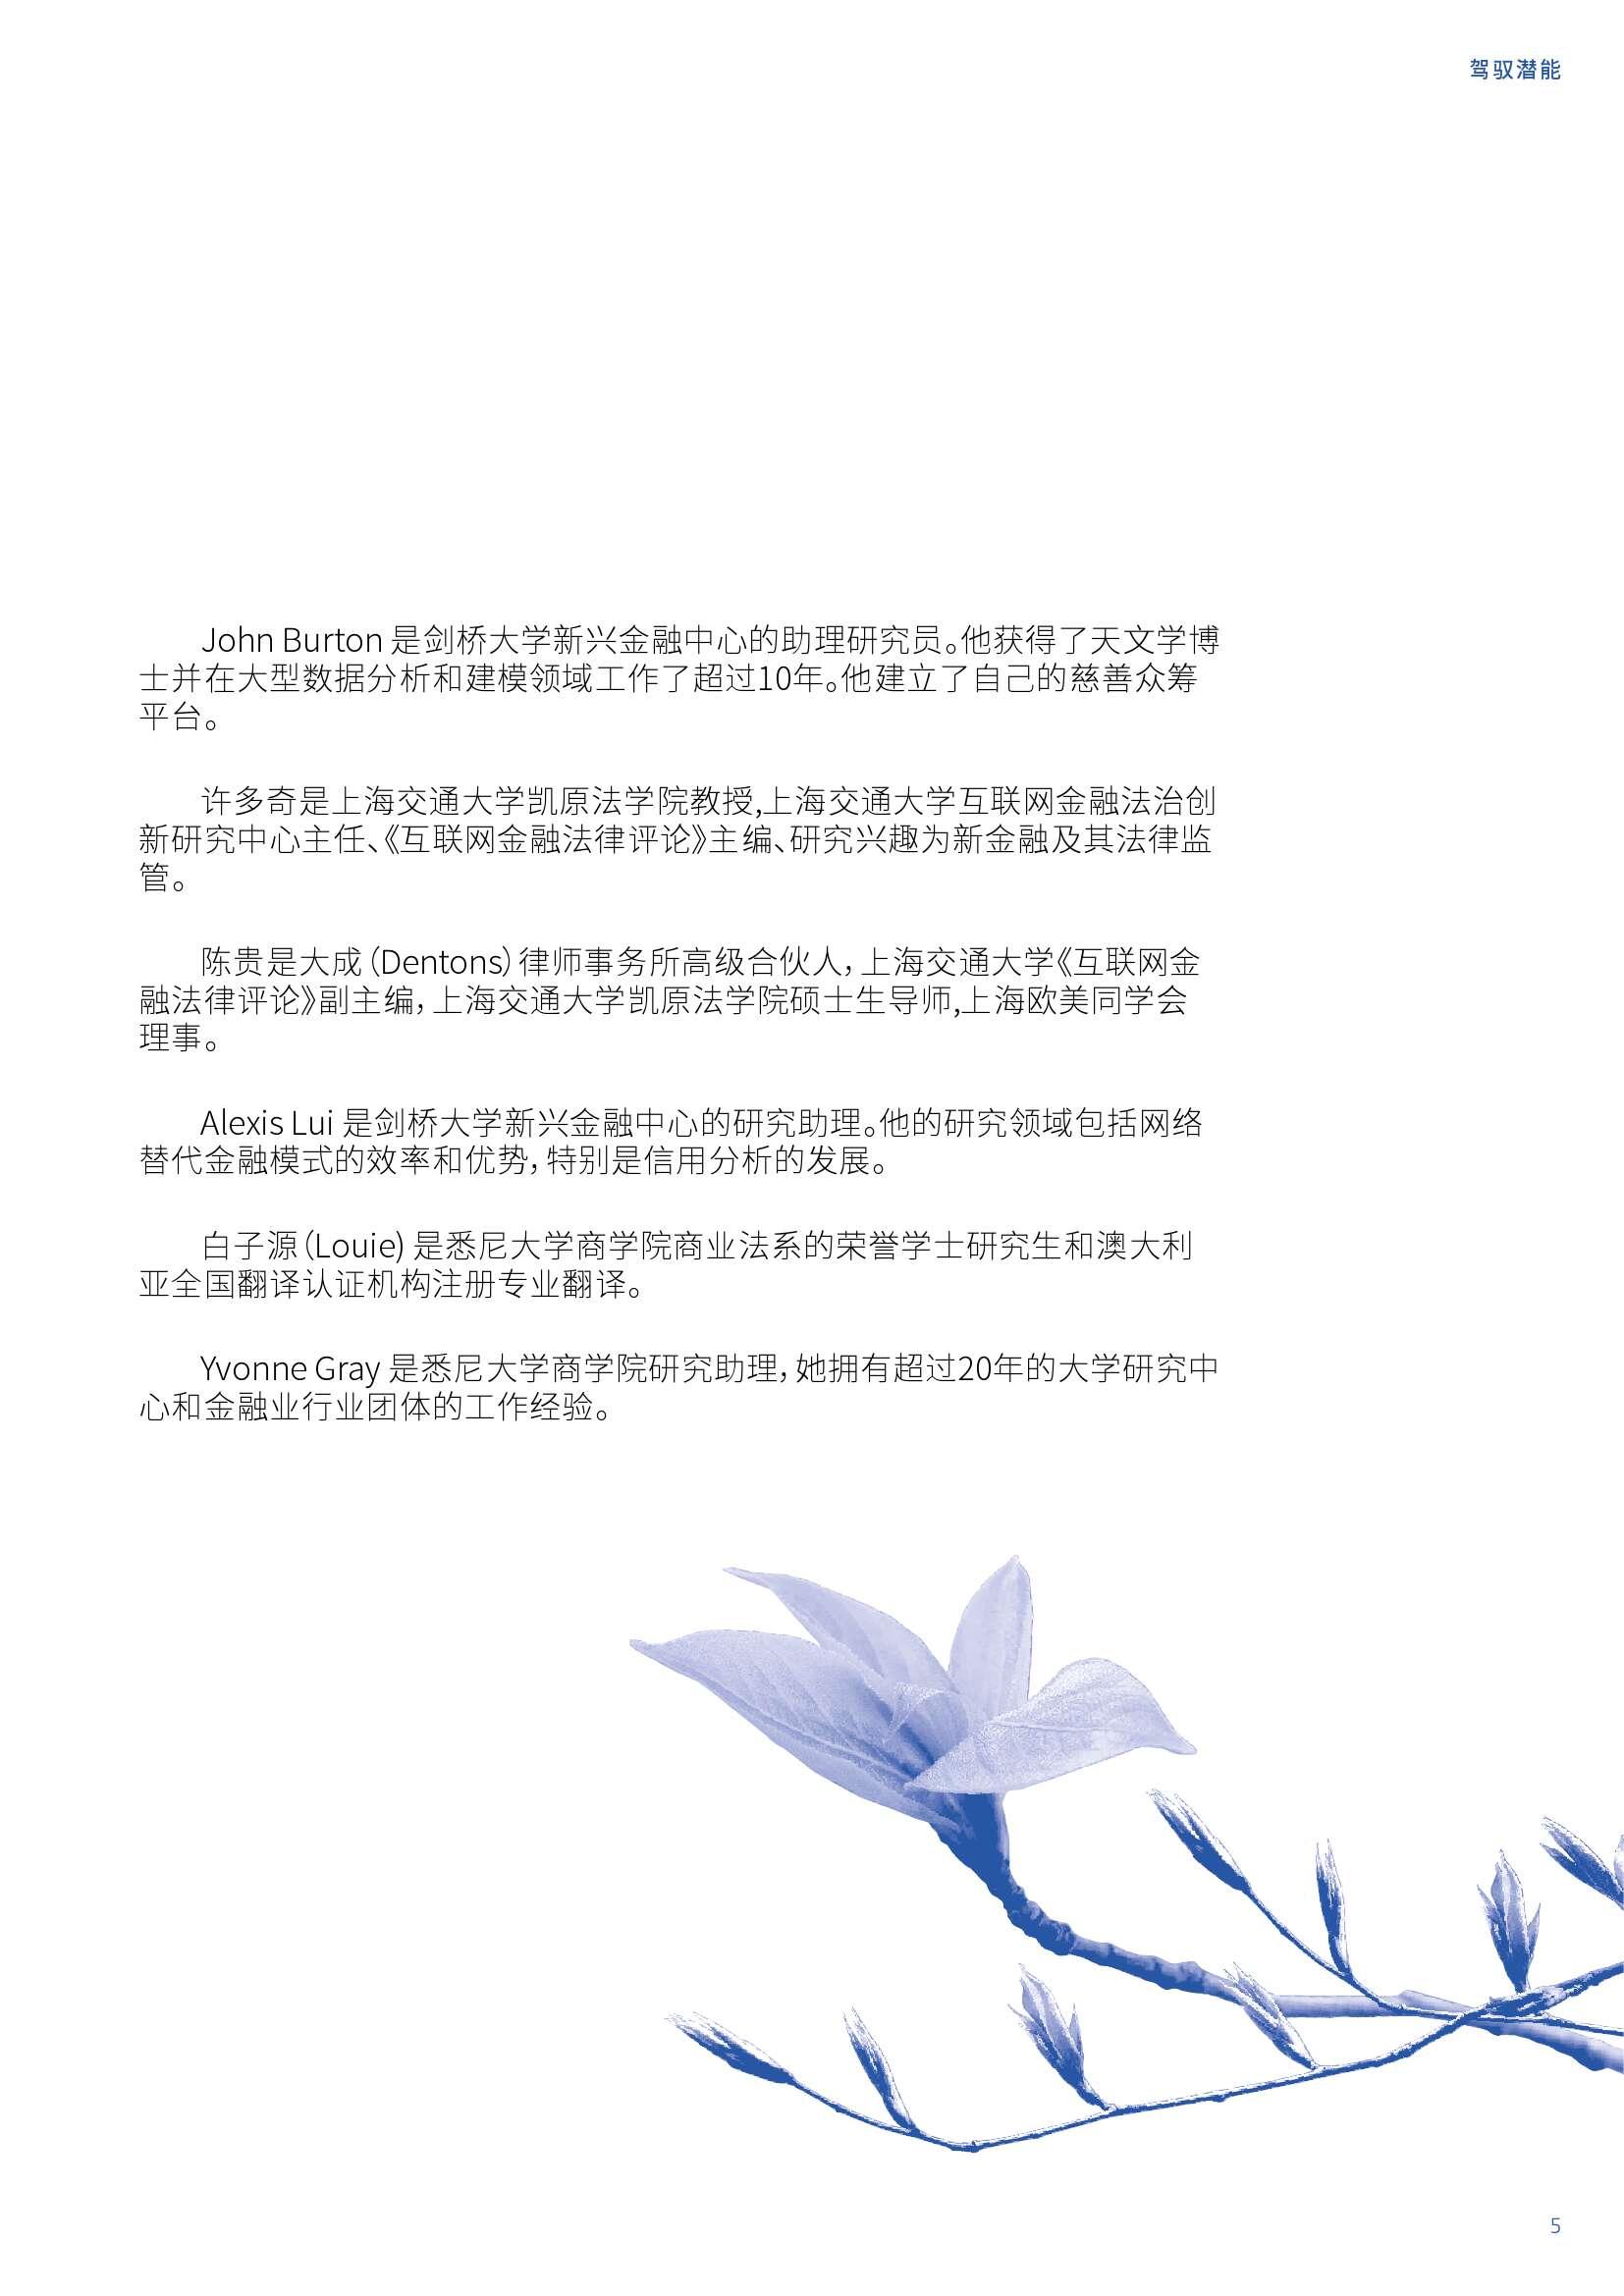 亚太地区网络替代金融基准报告_000005